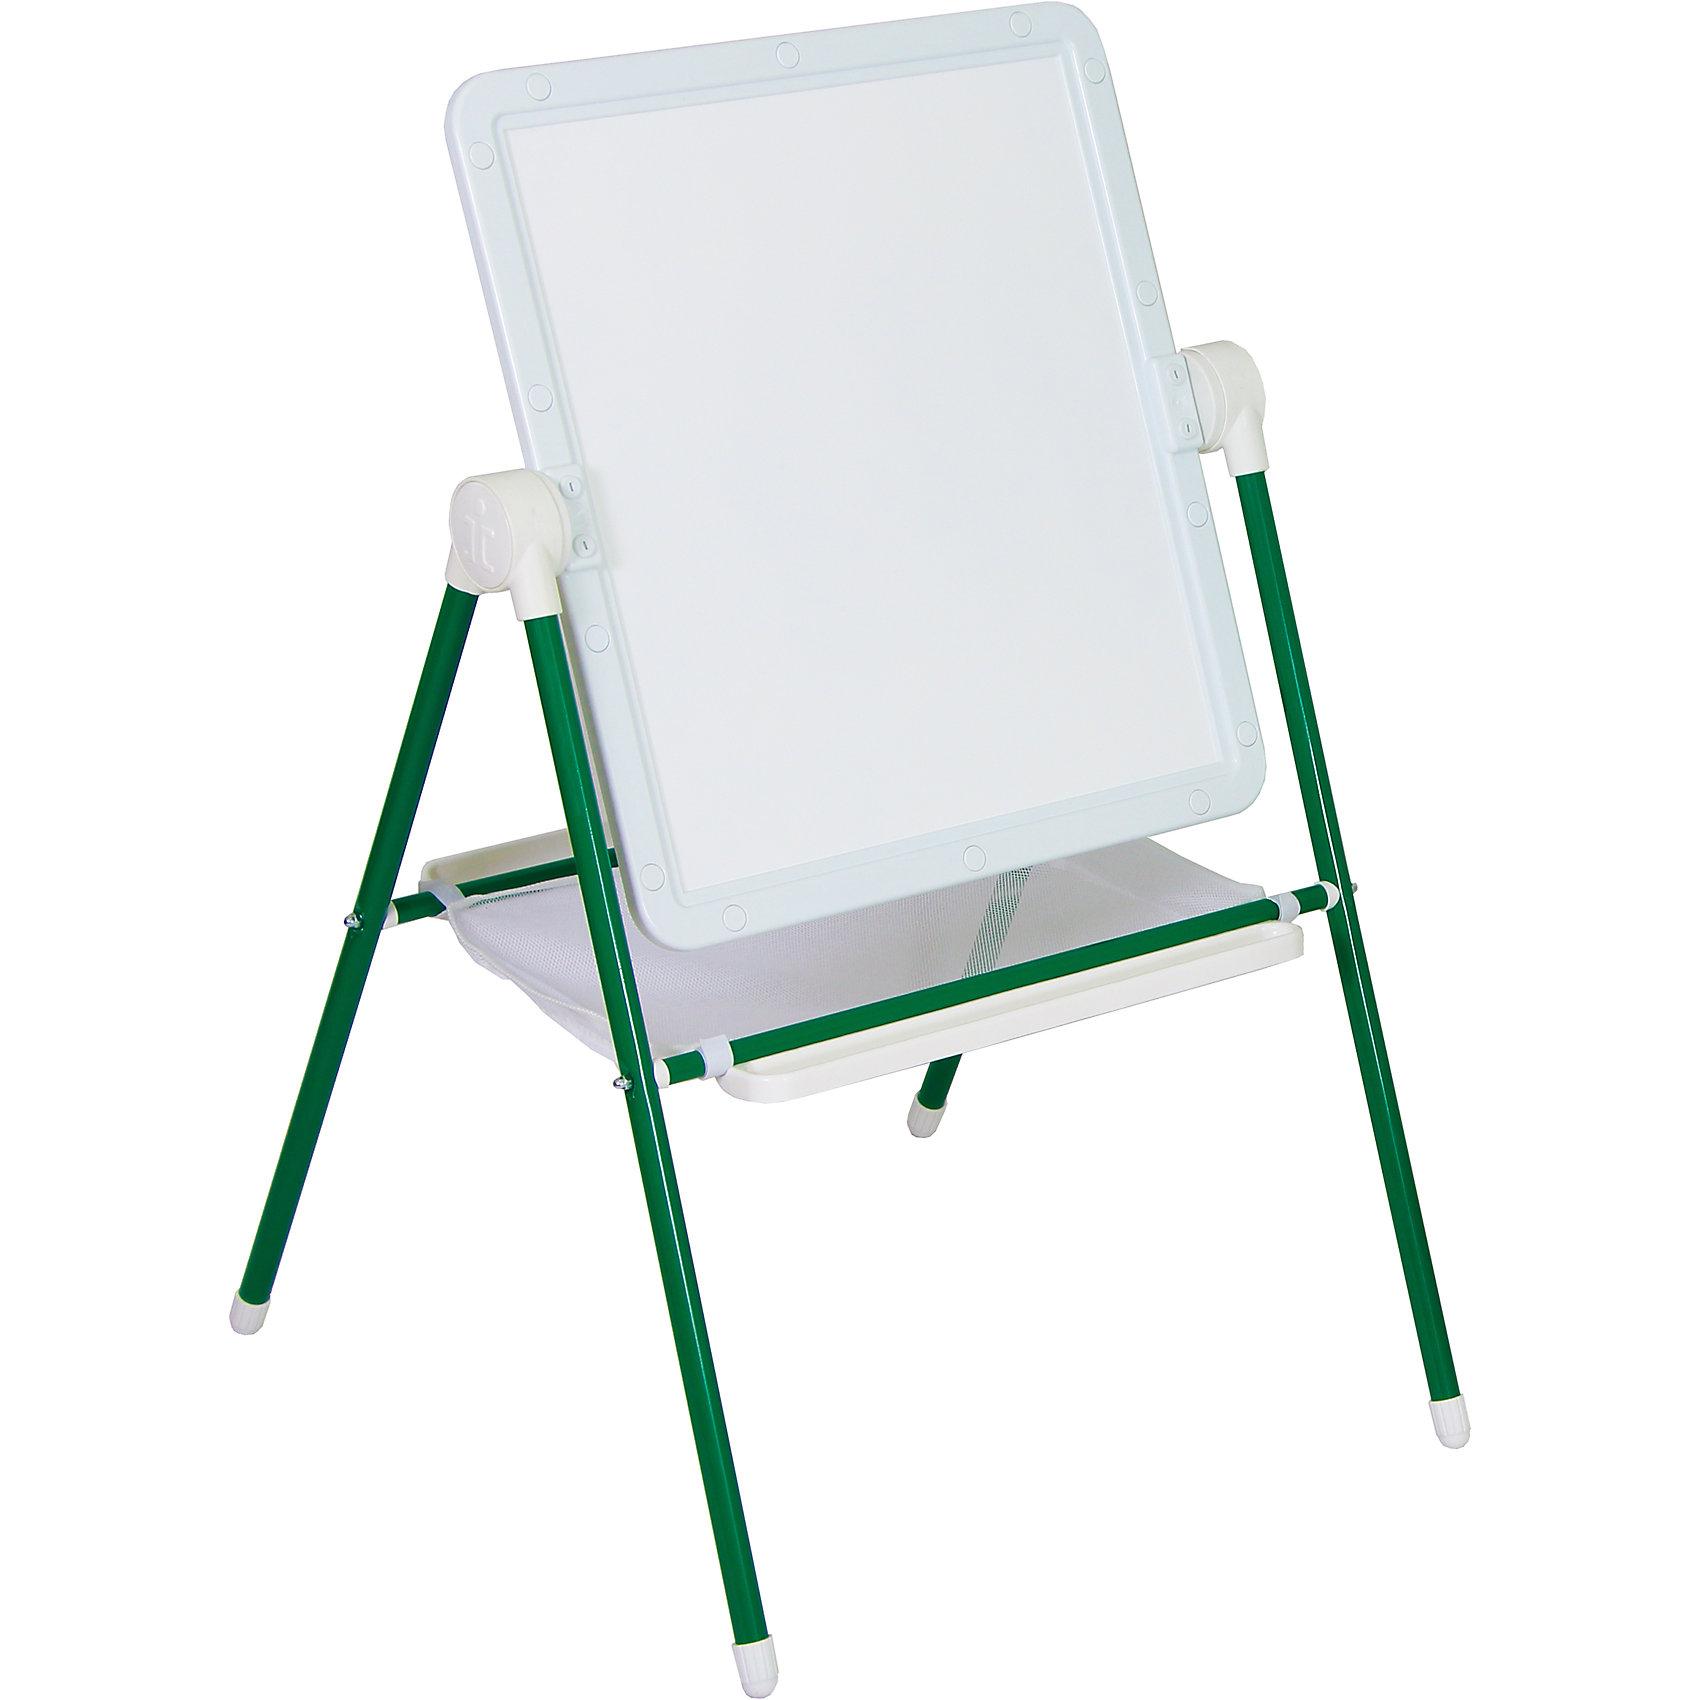 Детский двухсторонний мольберт (зеленый с белым)Мебель<br>Детский двухсторонний мольберт (зеленый с белым).<br><br>Характеристики:<br><br>- Внимание: буквы и цифры приобретаются отдельно.<br>- Размер рабочей поверхности: 521х462 мм.<br>- Высота мольберта (при вертикальном положении экрана): 1032 ±2мм.<br>- Материал: пластик, металл<br>- Цвет: белый, зеленый<br>- Размер упаковки: 720х610х100 мм.<br>- Вес: 1112 гр.<br><br>Мольберт с 2 магнитными поверхностями - это лучший помощник в игре и учебе. На нем удобно размещать магнитные фигуры и буквы алфавита. Уникальная конструкция мольберта позволяет менять угол наклона экрана - для еще большего комфорта юных художников! Белая сторона экрана (доски) служит для нанесения надписей маркерами на водной основе. Черная сторона – для нанесения надписей мягкими мелками. К стойкам мольберта устанавливаются два лотка для канцелярских принадлежностей – мелки, маркеры, карандаши всегда будут под рукой! Имеется вместительный бокс-сетка для хранения игрушек и принадлежностей для творчества. Горизонтальное положение поверхности мольберта превращает его в площадку для игры. Мольберт идеально сочетается с детской складной мебелью «Дэми».<br><br>Детский двухсторонний мольберт с буквами (зеленый с белым) можно купить в нашем интернет-магазине.<br><br>Ширина мм: 720<br>Глубина мм: 610<br>Высота мм: 100<br>Вес г: 1112<br>Возраст от месяцев: 12<br>Возраст до месяцев: 72<br>Пол: Унисекс<br>Возраст: Детский<br>SKU: 5096939